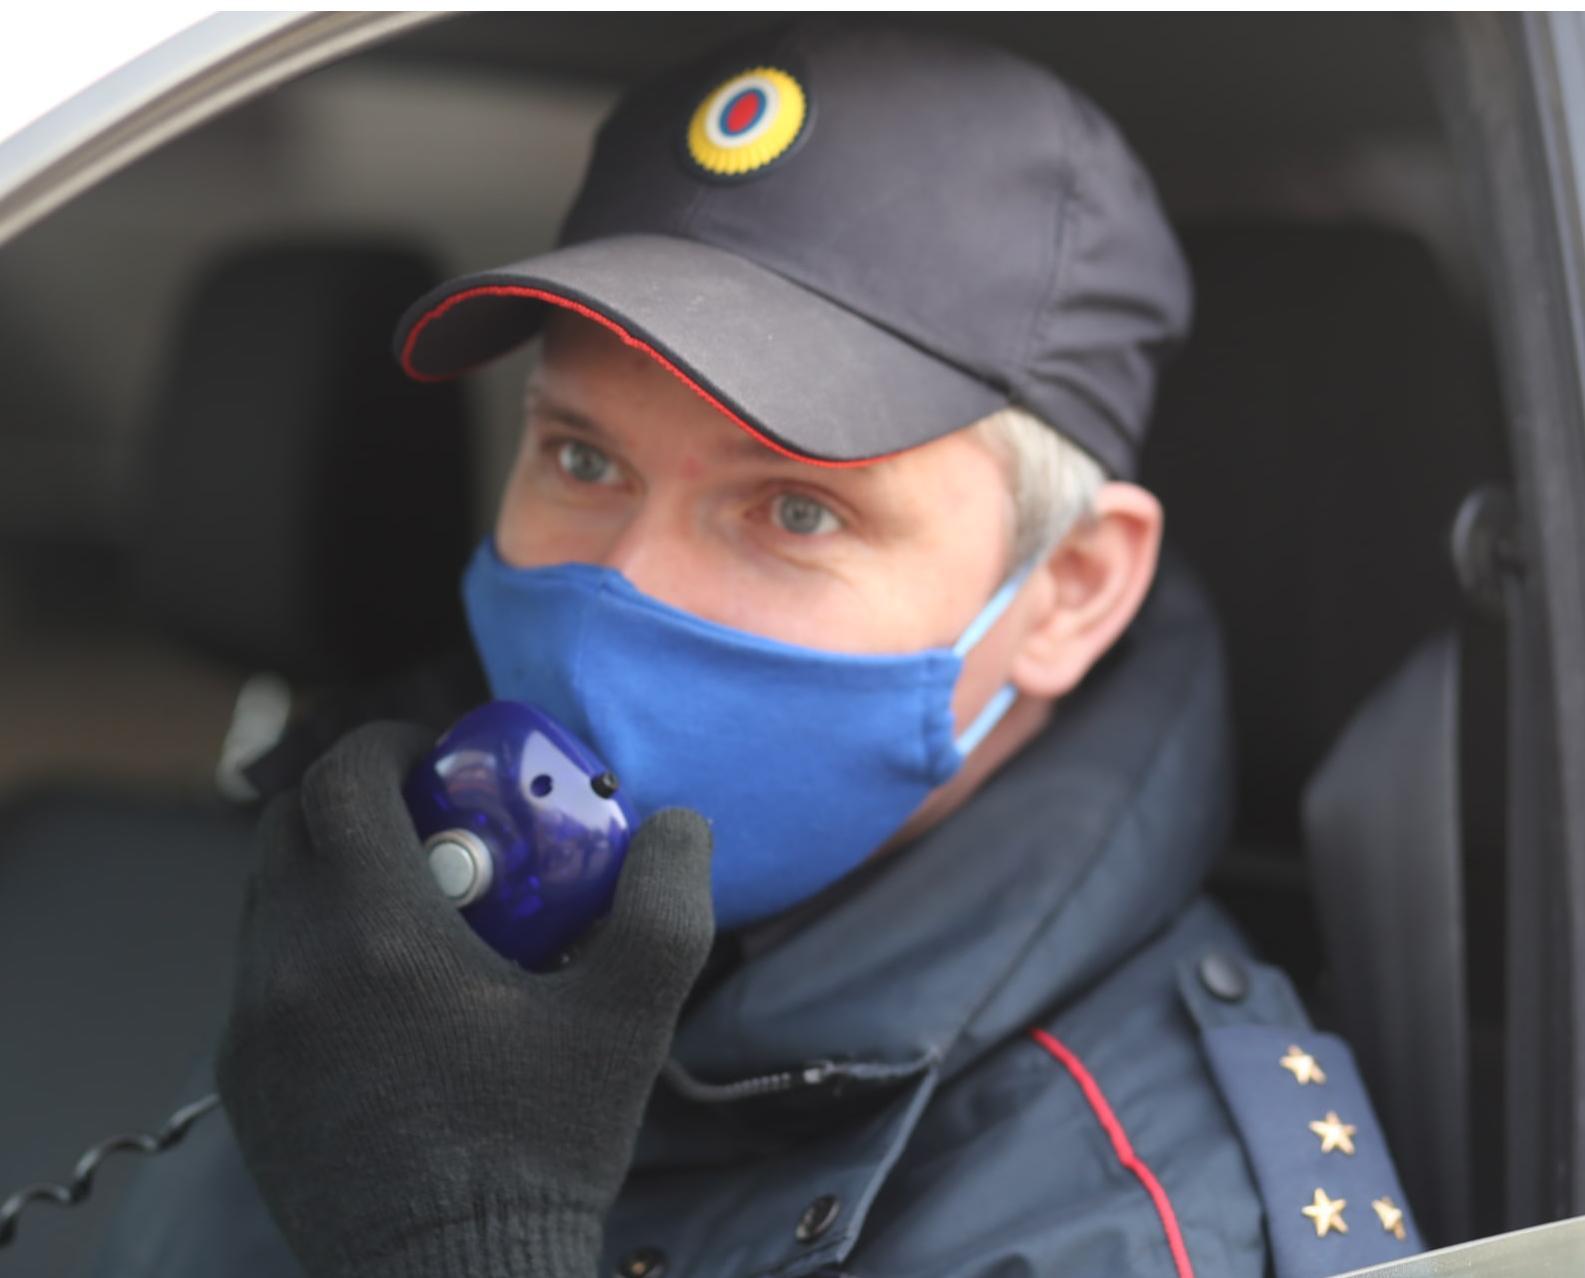 20 и 21 февраля в Кирово-Чепецке пройдут массовые проверки на дорогах